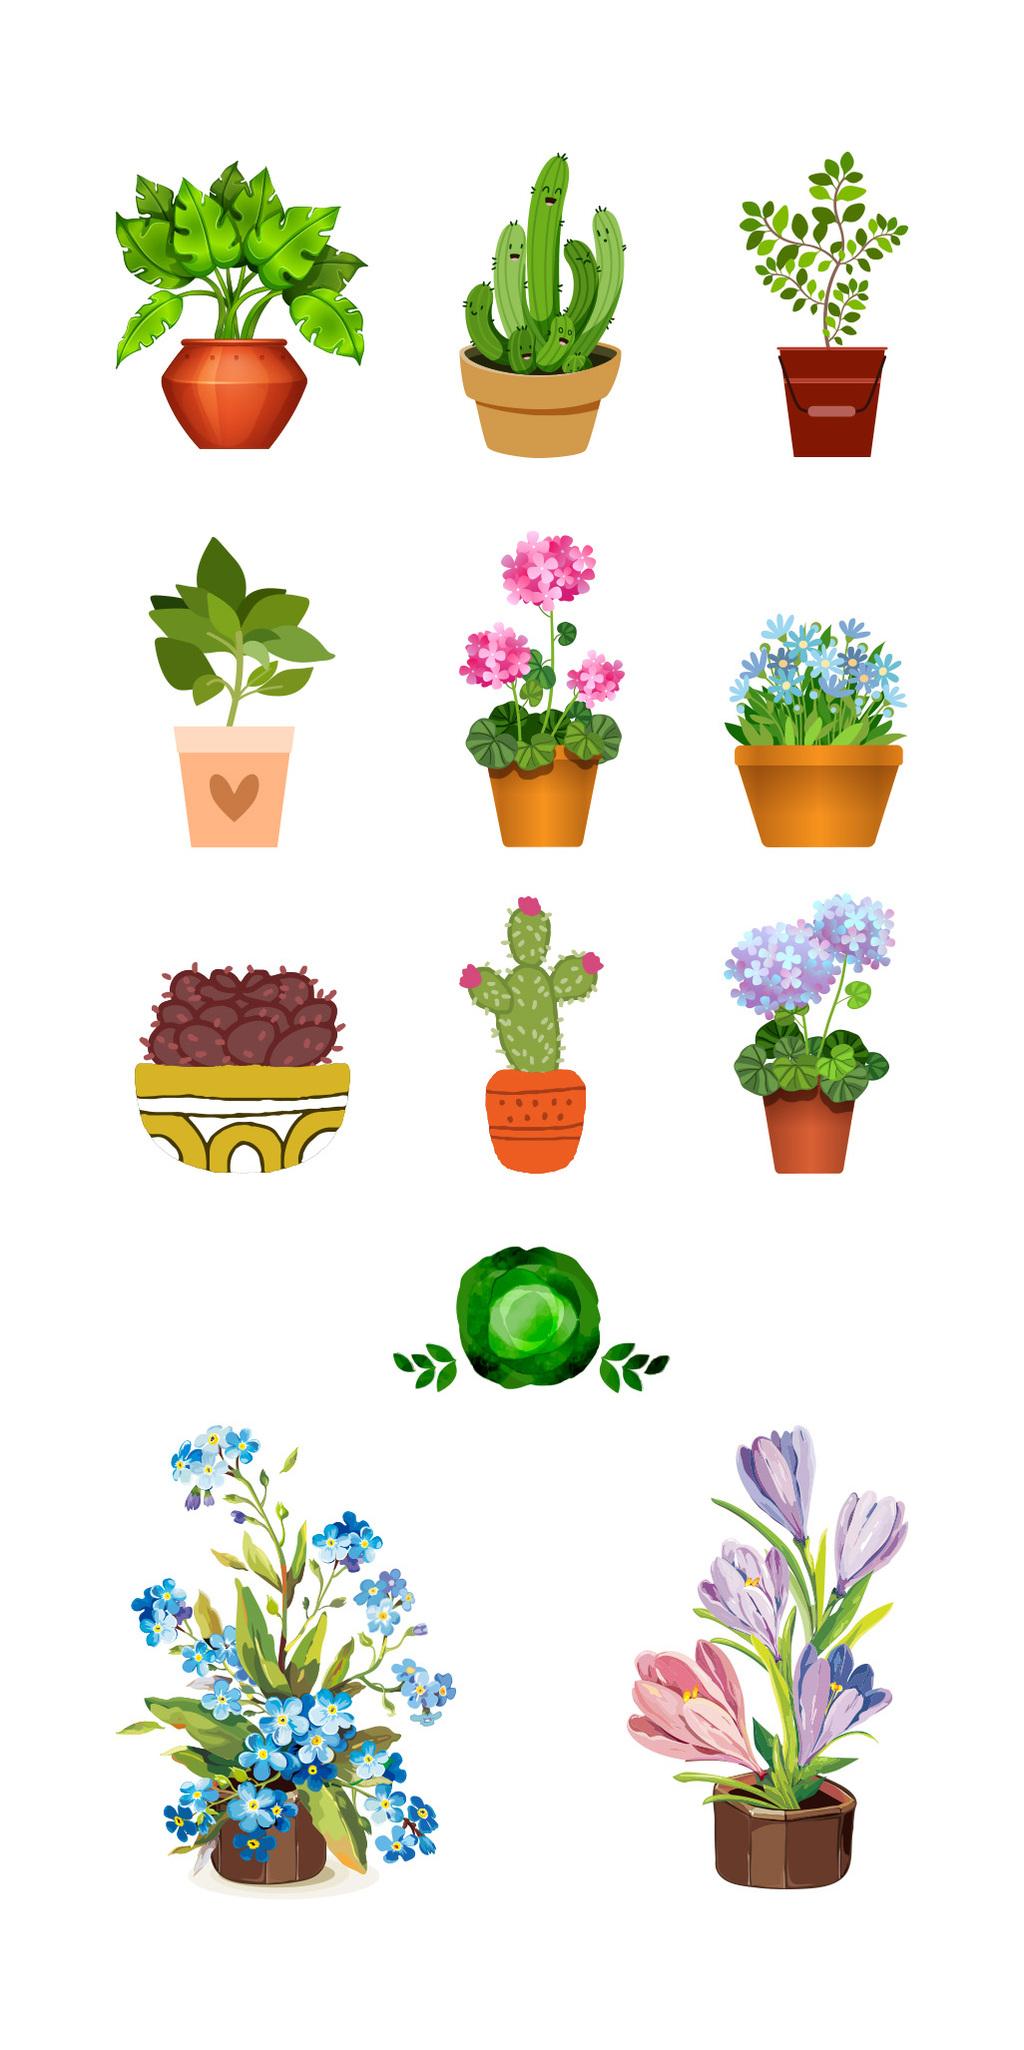 文艺手绘植物盆栽淘宝装饰素材